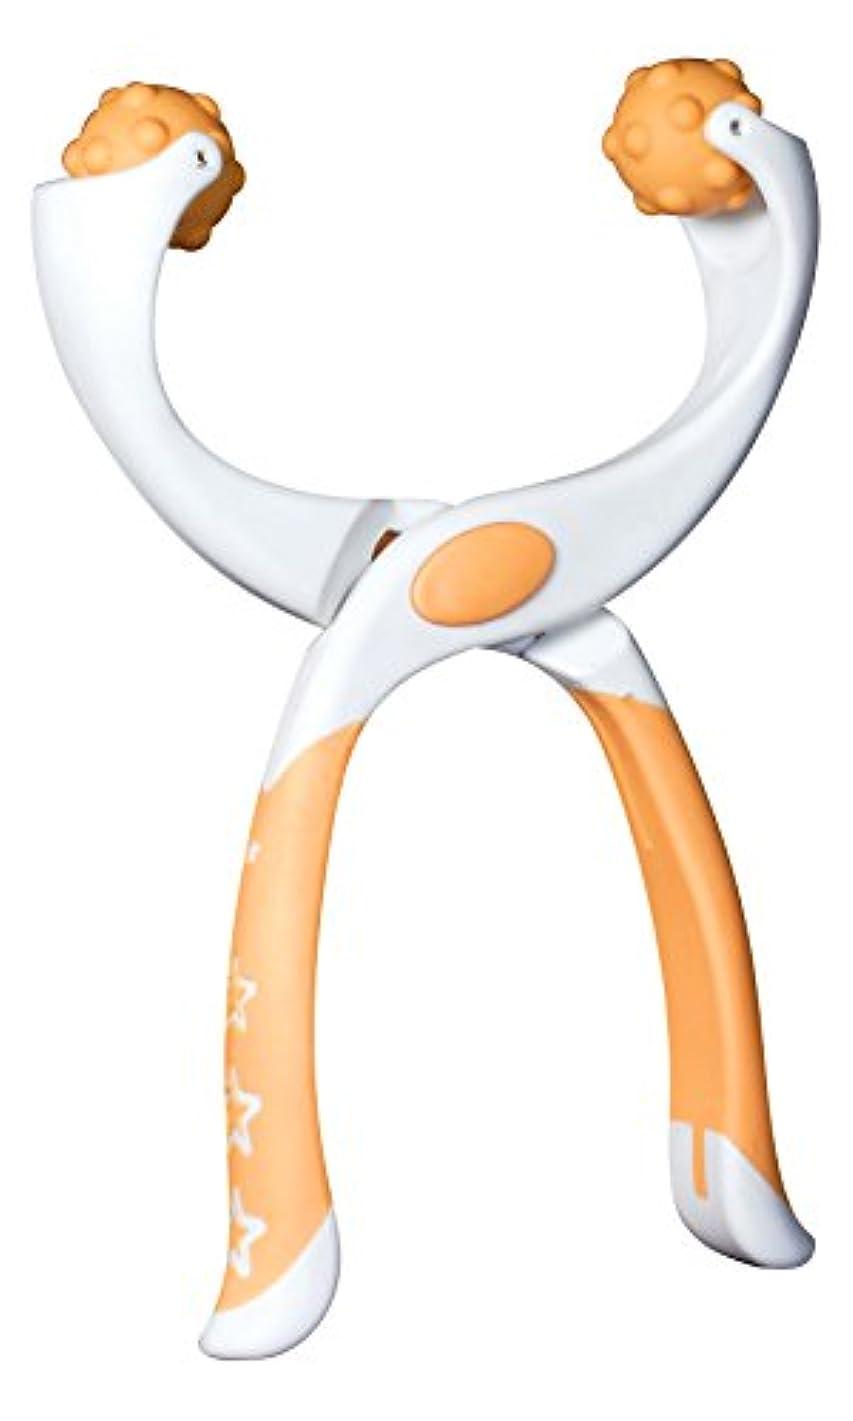 ルーお金モードつまんdeペンチ ツボ押し【足用】 オレンジ ポーチ付き「職場で使える軽くて持ち運べるマッサージ機」